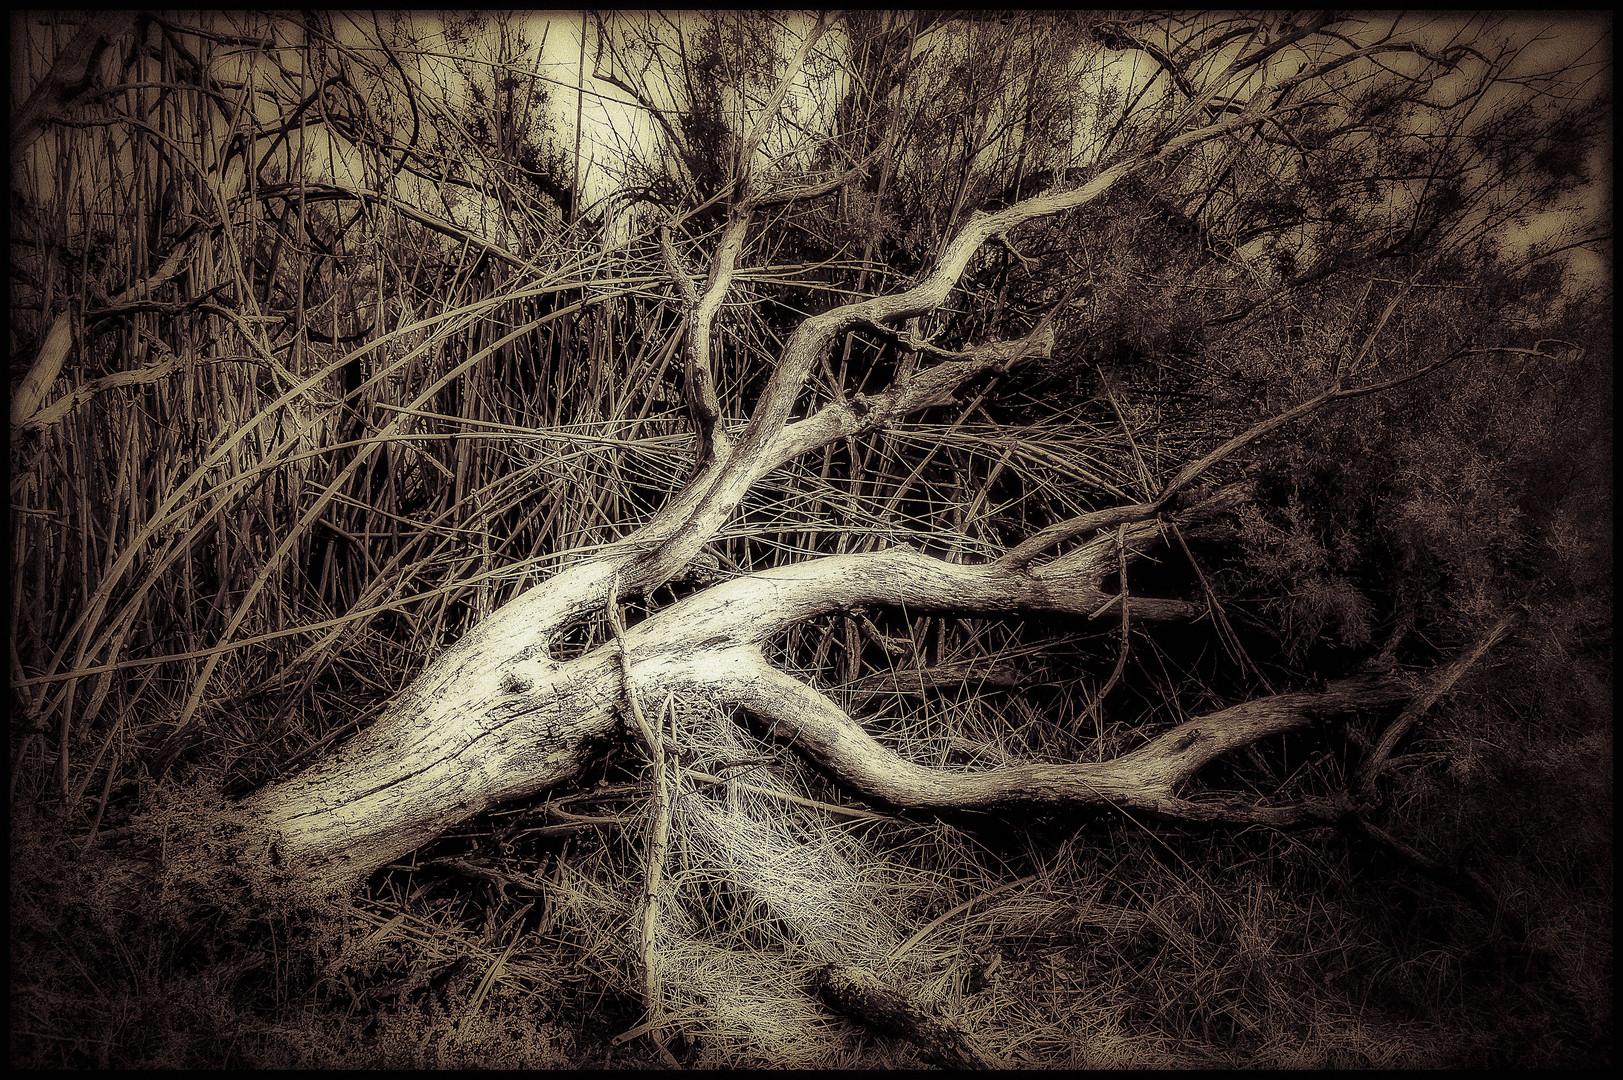 arbre mort photo et image arbres nature images fotocommunity. Black Bedroom Furniture Sets. Home Design Ideas